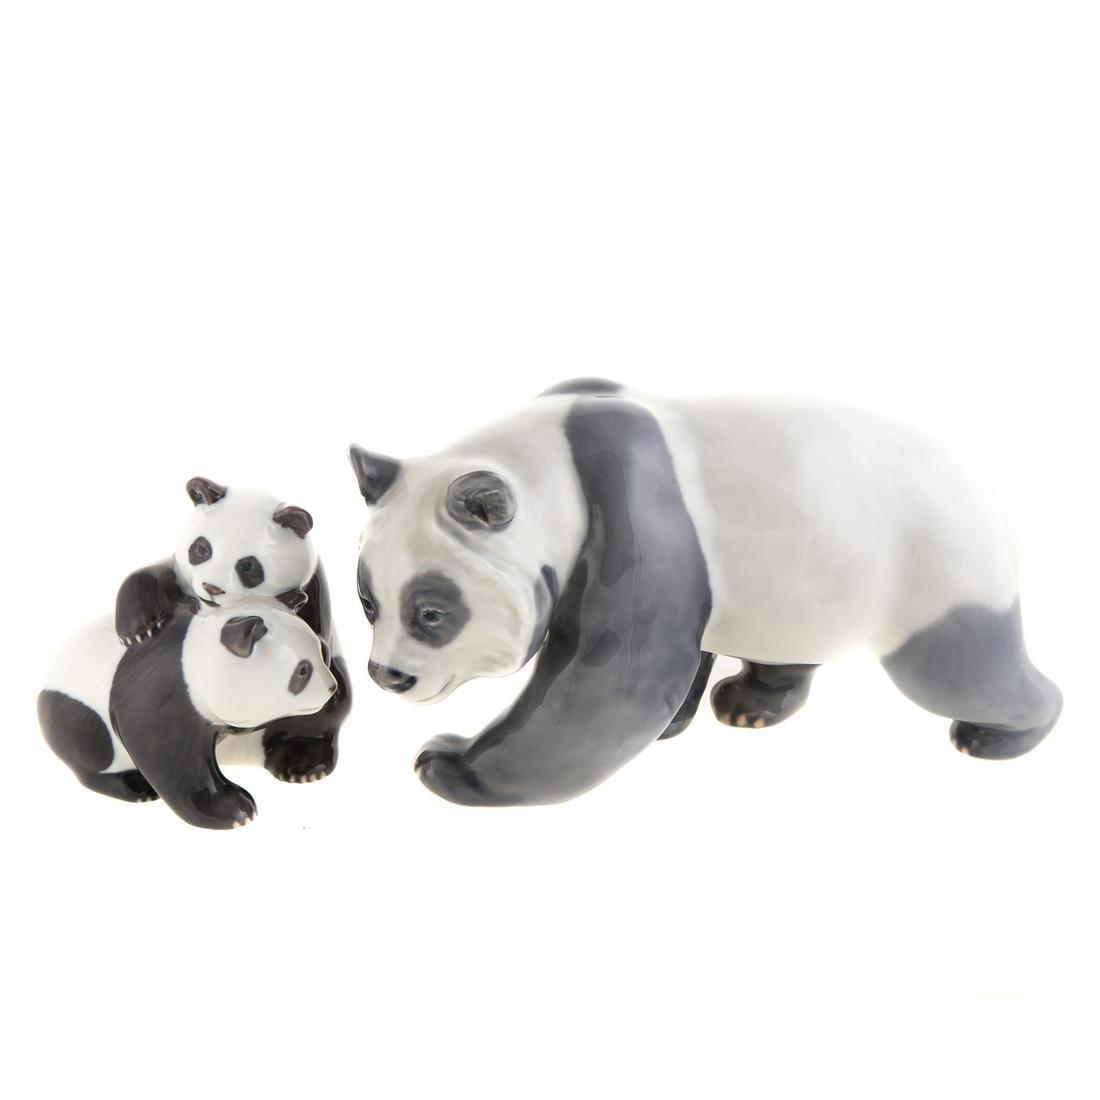 Two Royal Copenhagen Pandas